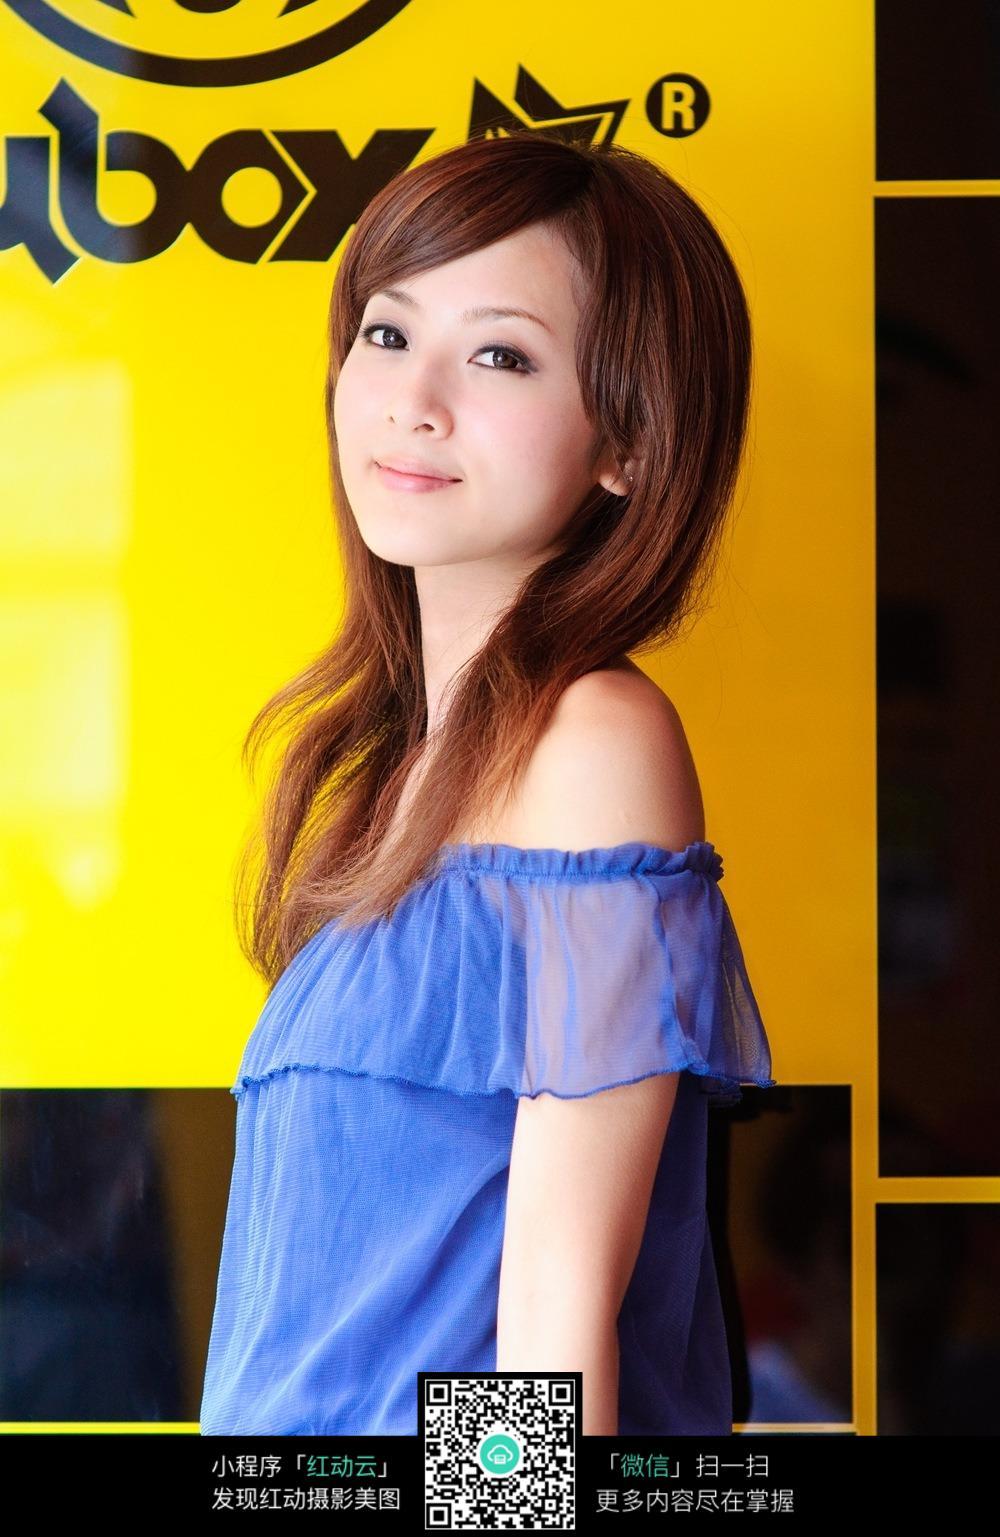 穿蓝色衣服的美女模特